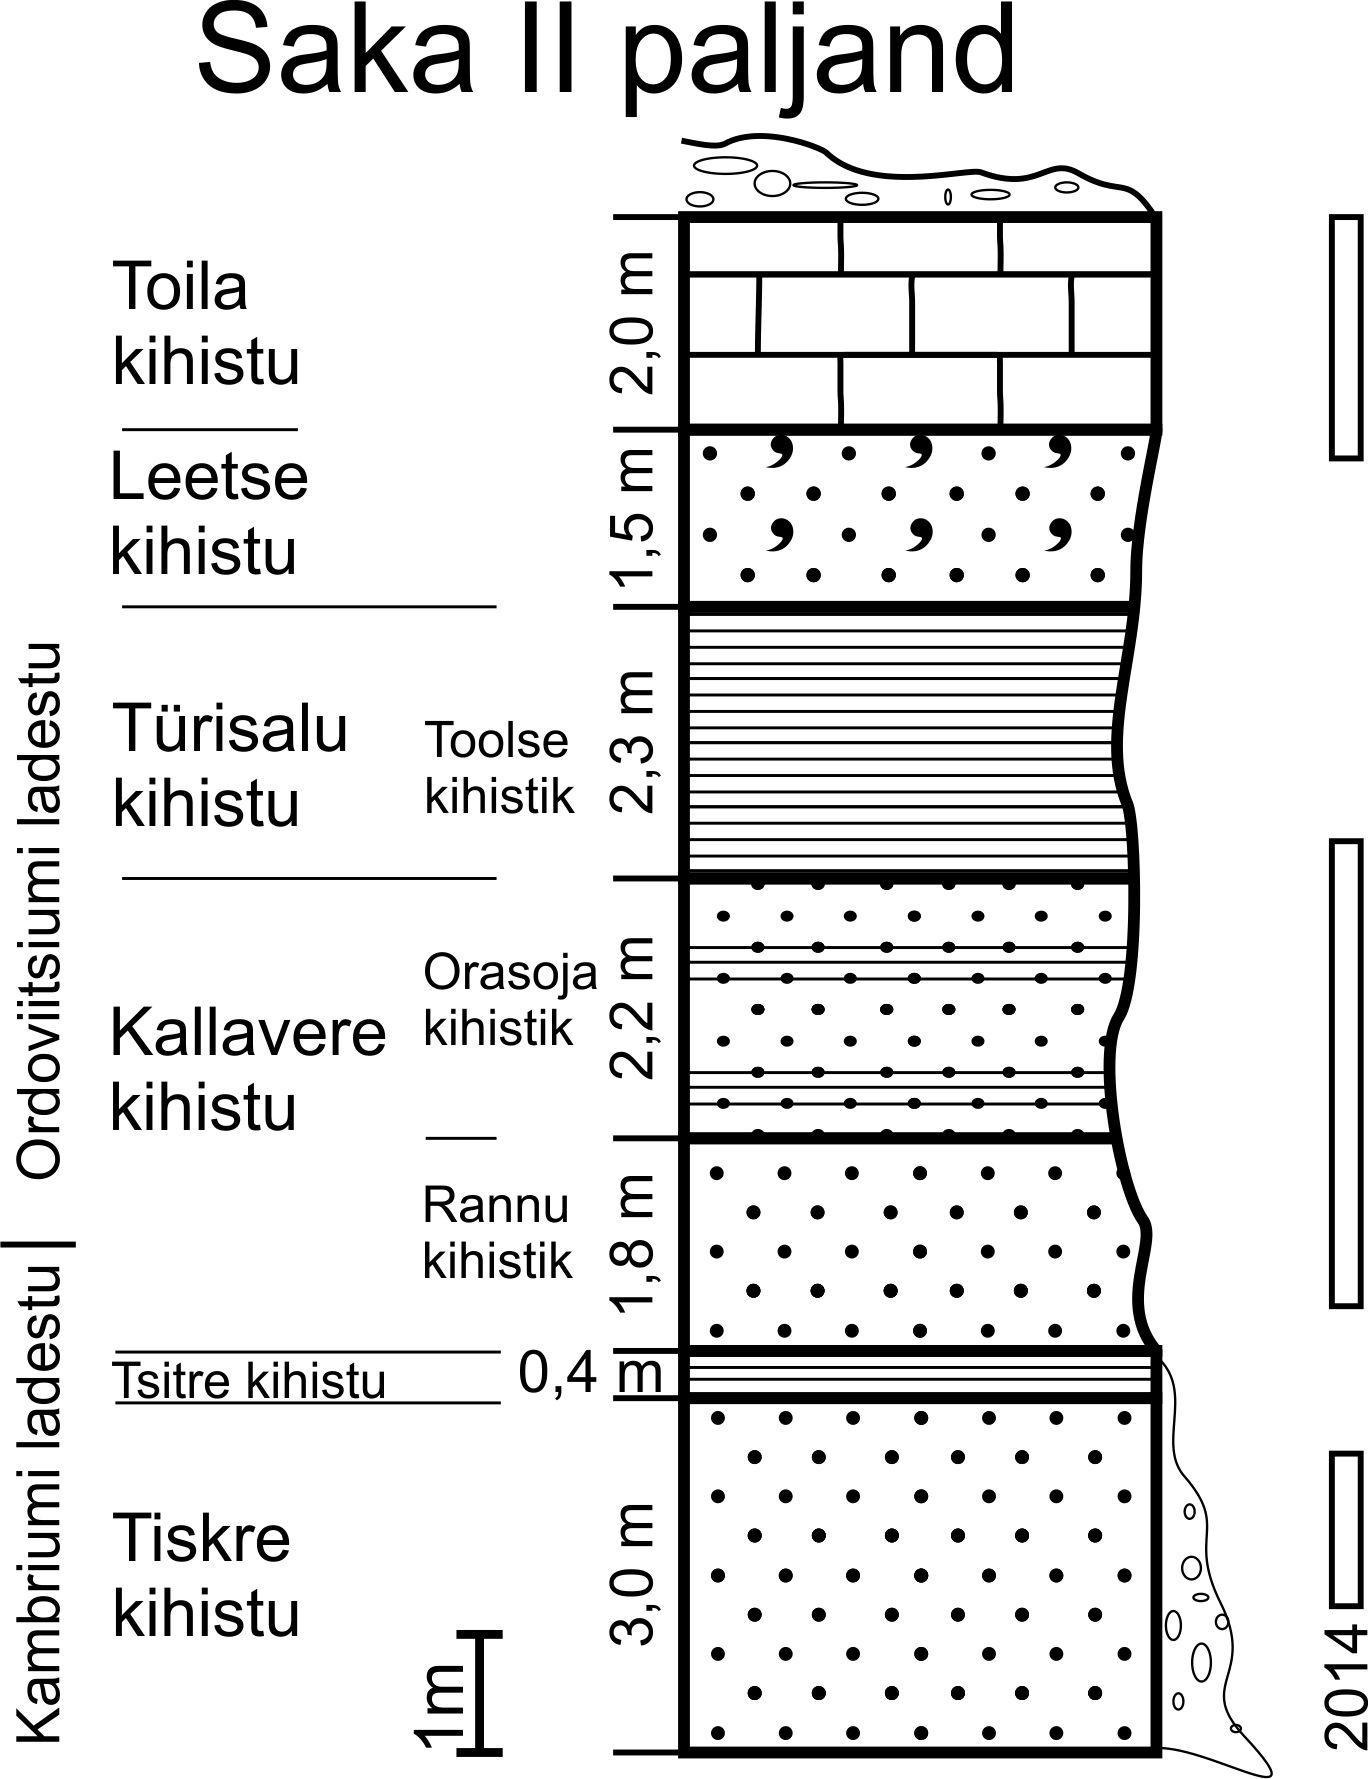 Saka II läbilõige I. Puura (1996, lk. 13, joonis 30) järgi (joonis: T. Paiste).